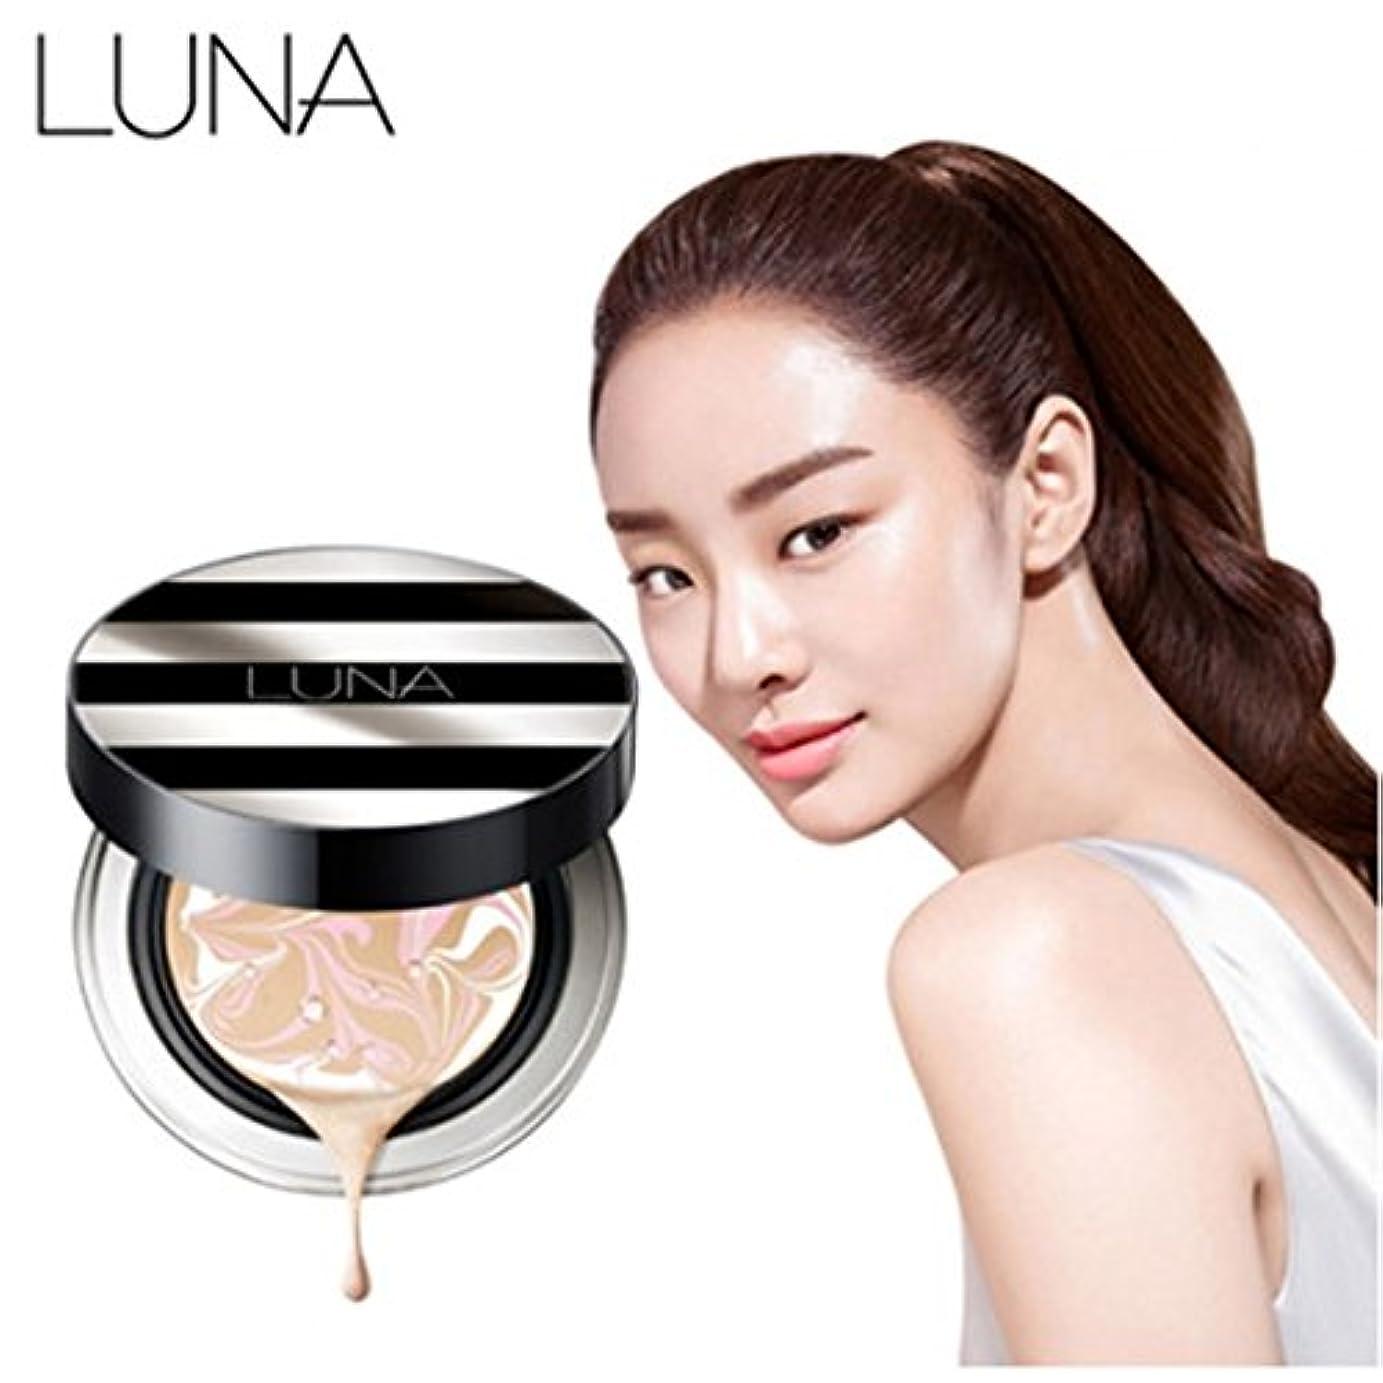 ブロンズラジウム持っている【 LUNA 】 エッセンスウォーターファクトFX 【 ルナ】 Essence Water Pact FX 詰め替えを含む 韓国製 (No.21 (Light Beige))